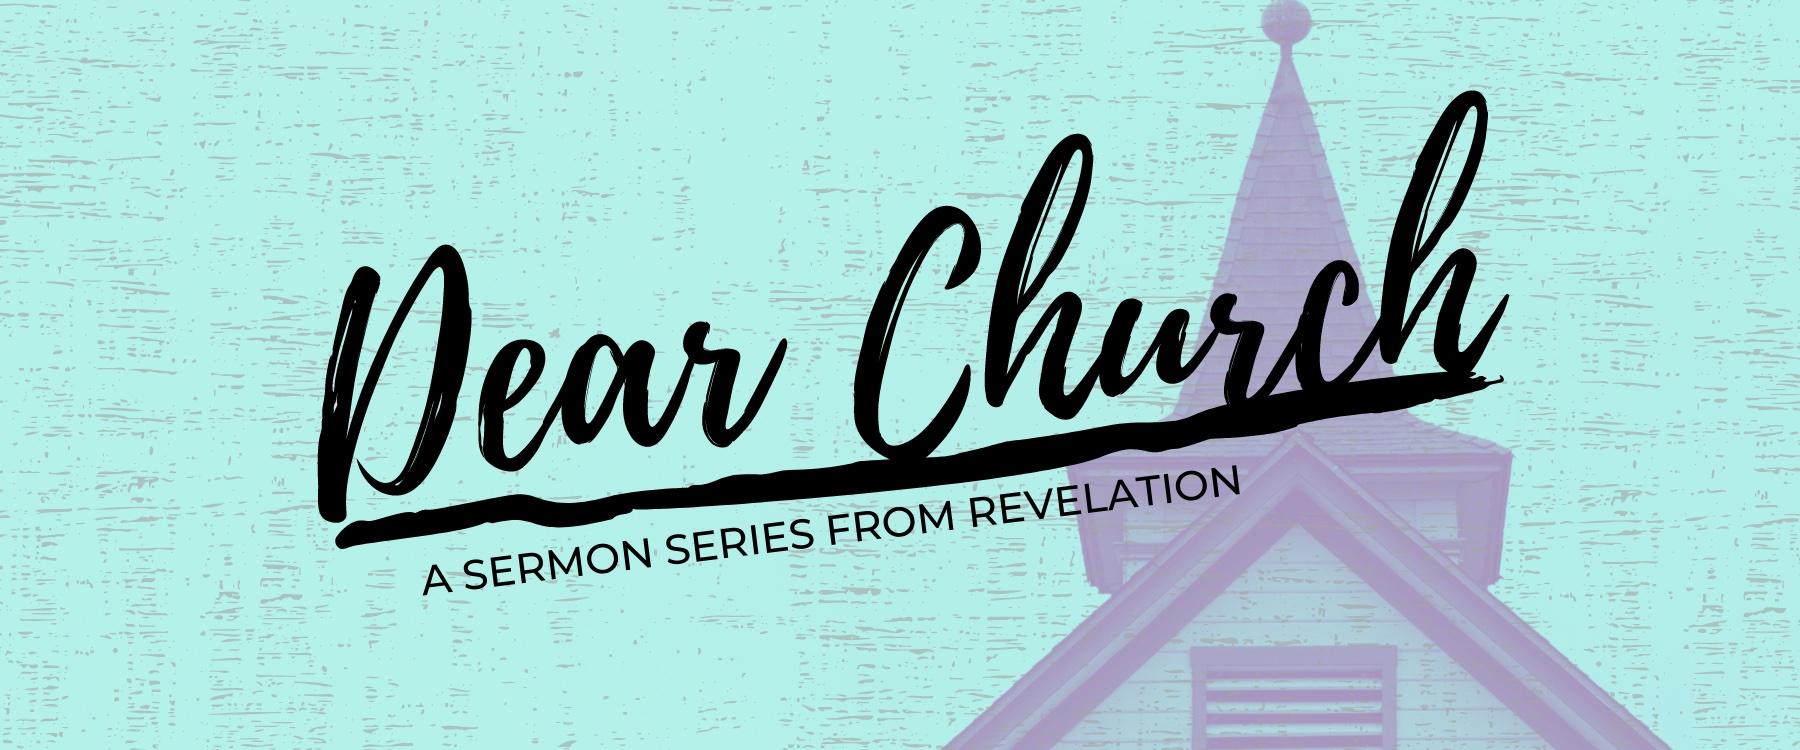 Dear Church Web Banner